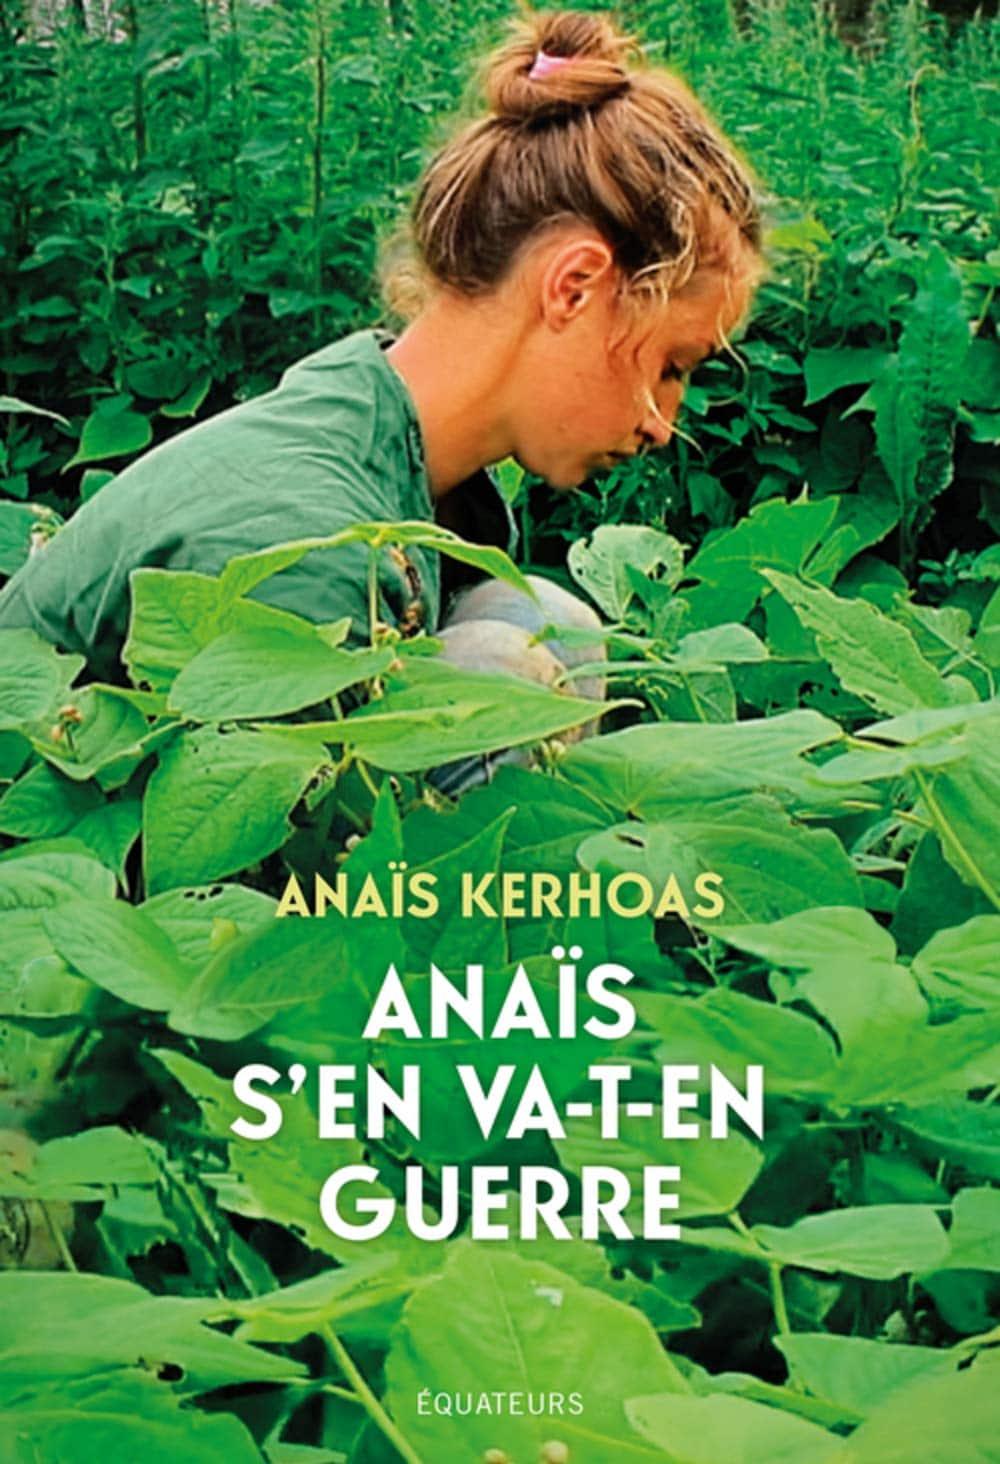 Anaïs s'en va-t-en-guerre » et se raconte dans un livre - Eco-Bretons